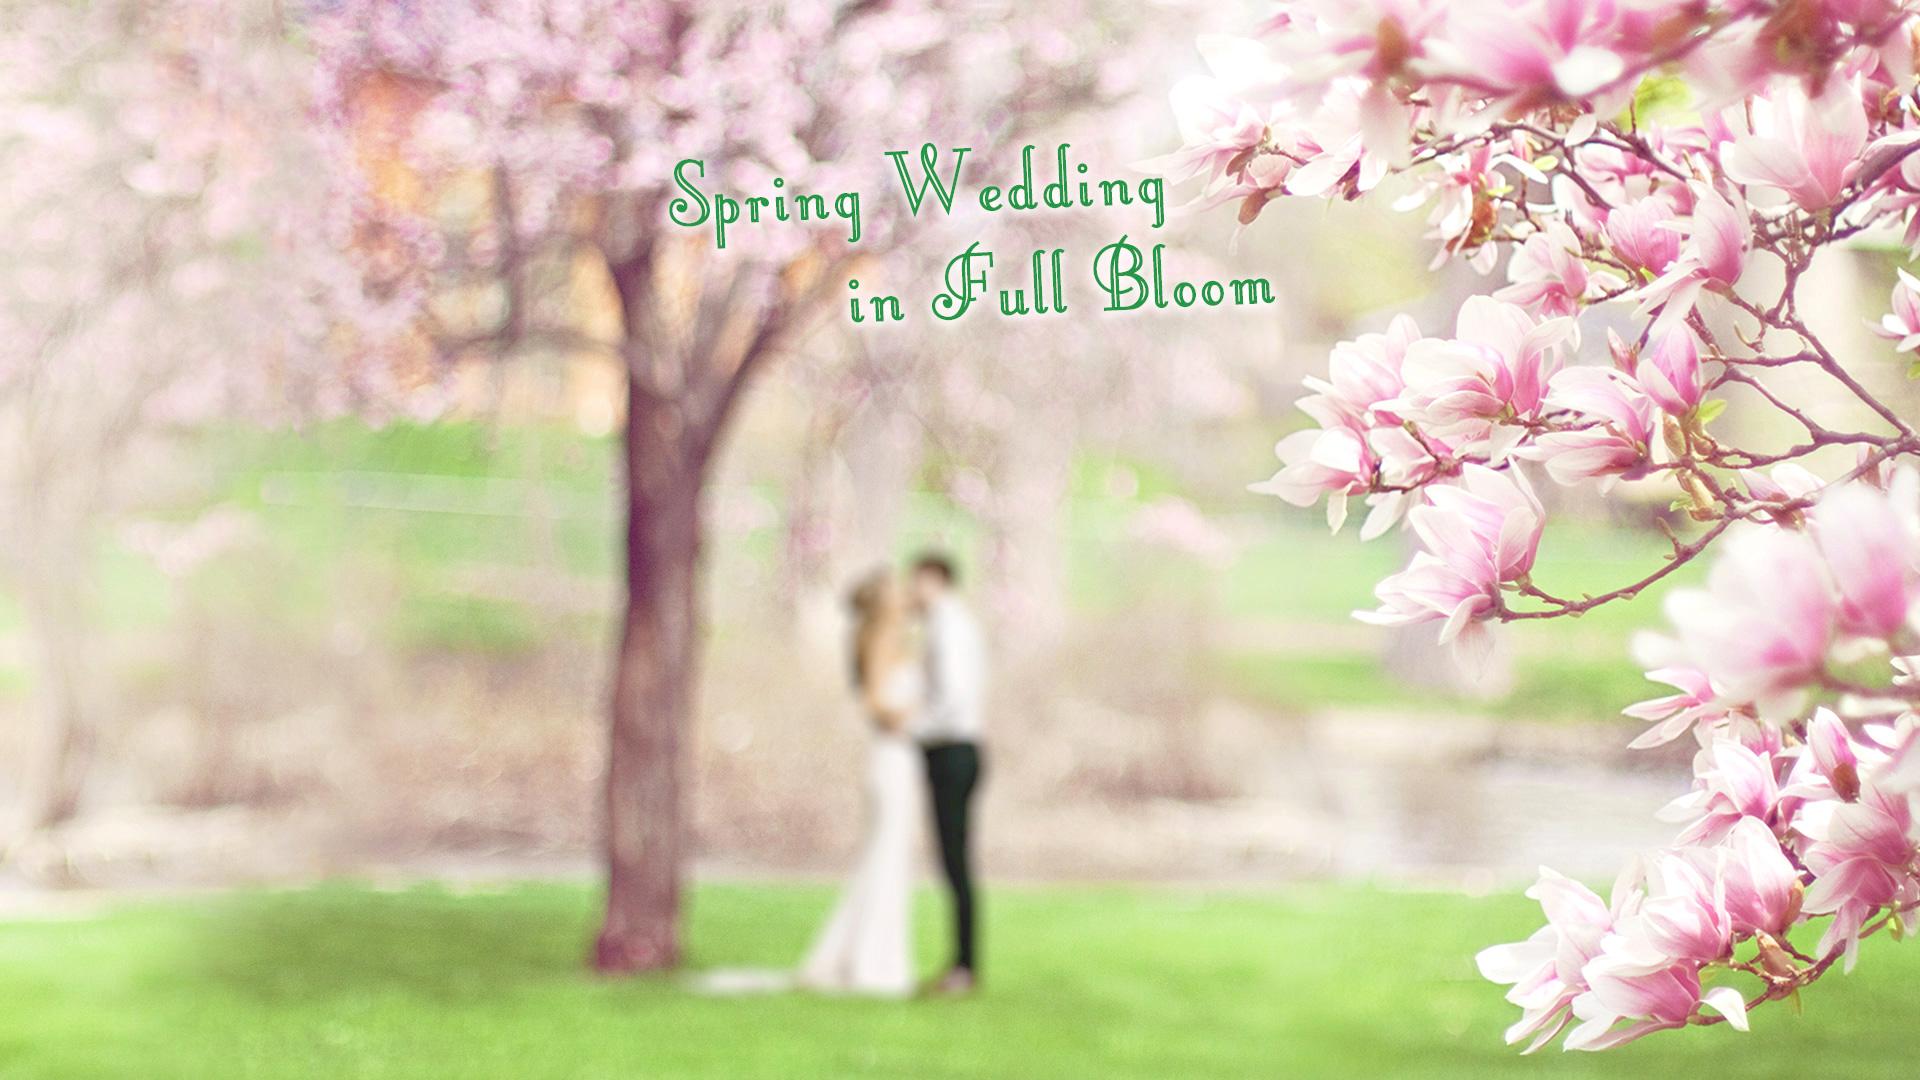 桜が満開でのブライダルシーン 2018年春のフォトスタジオISホームページトップ画像